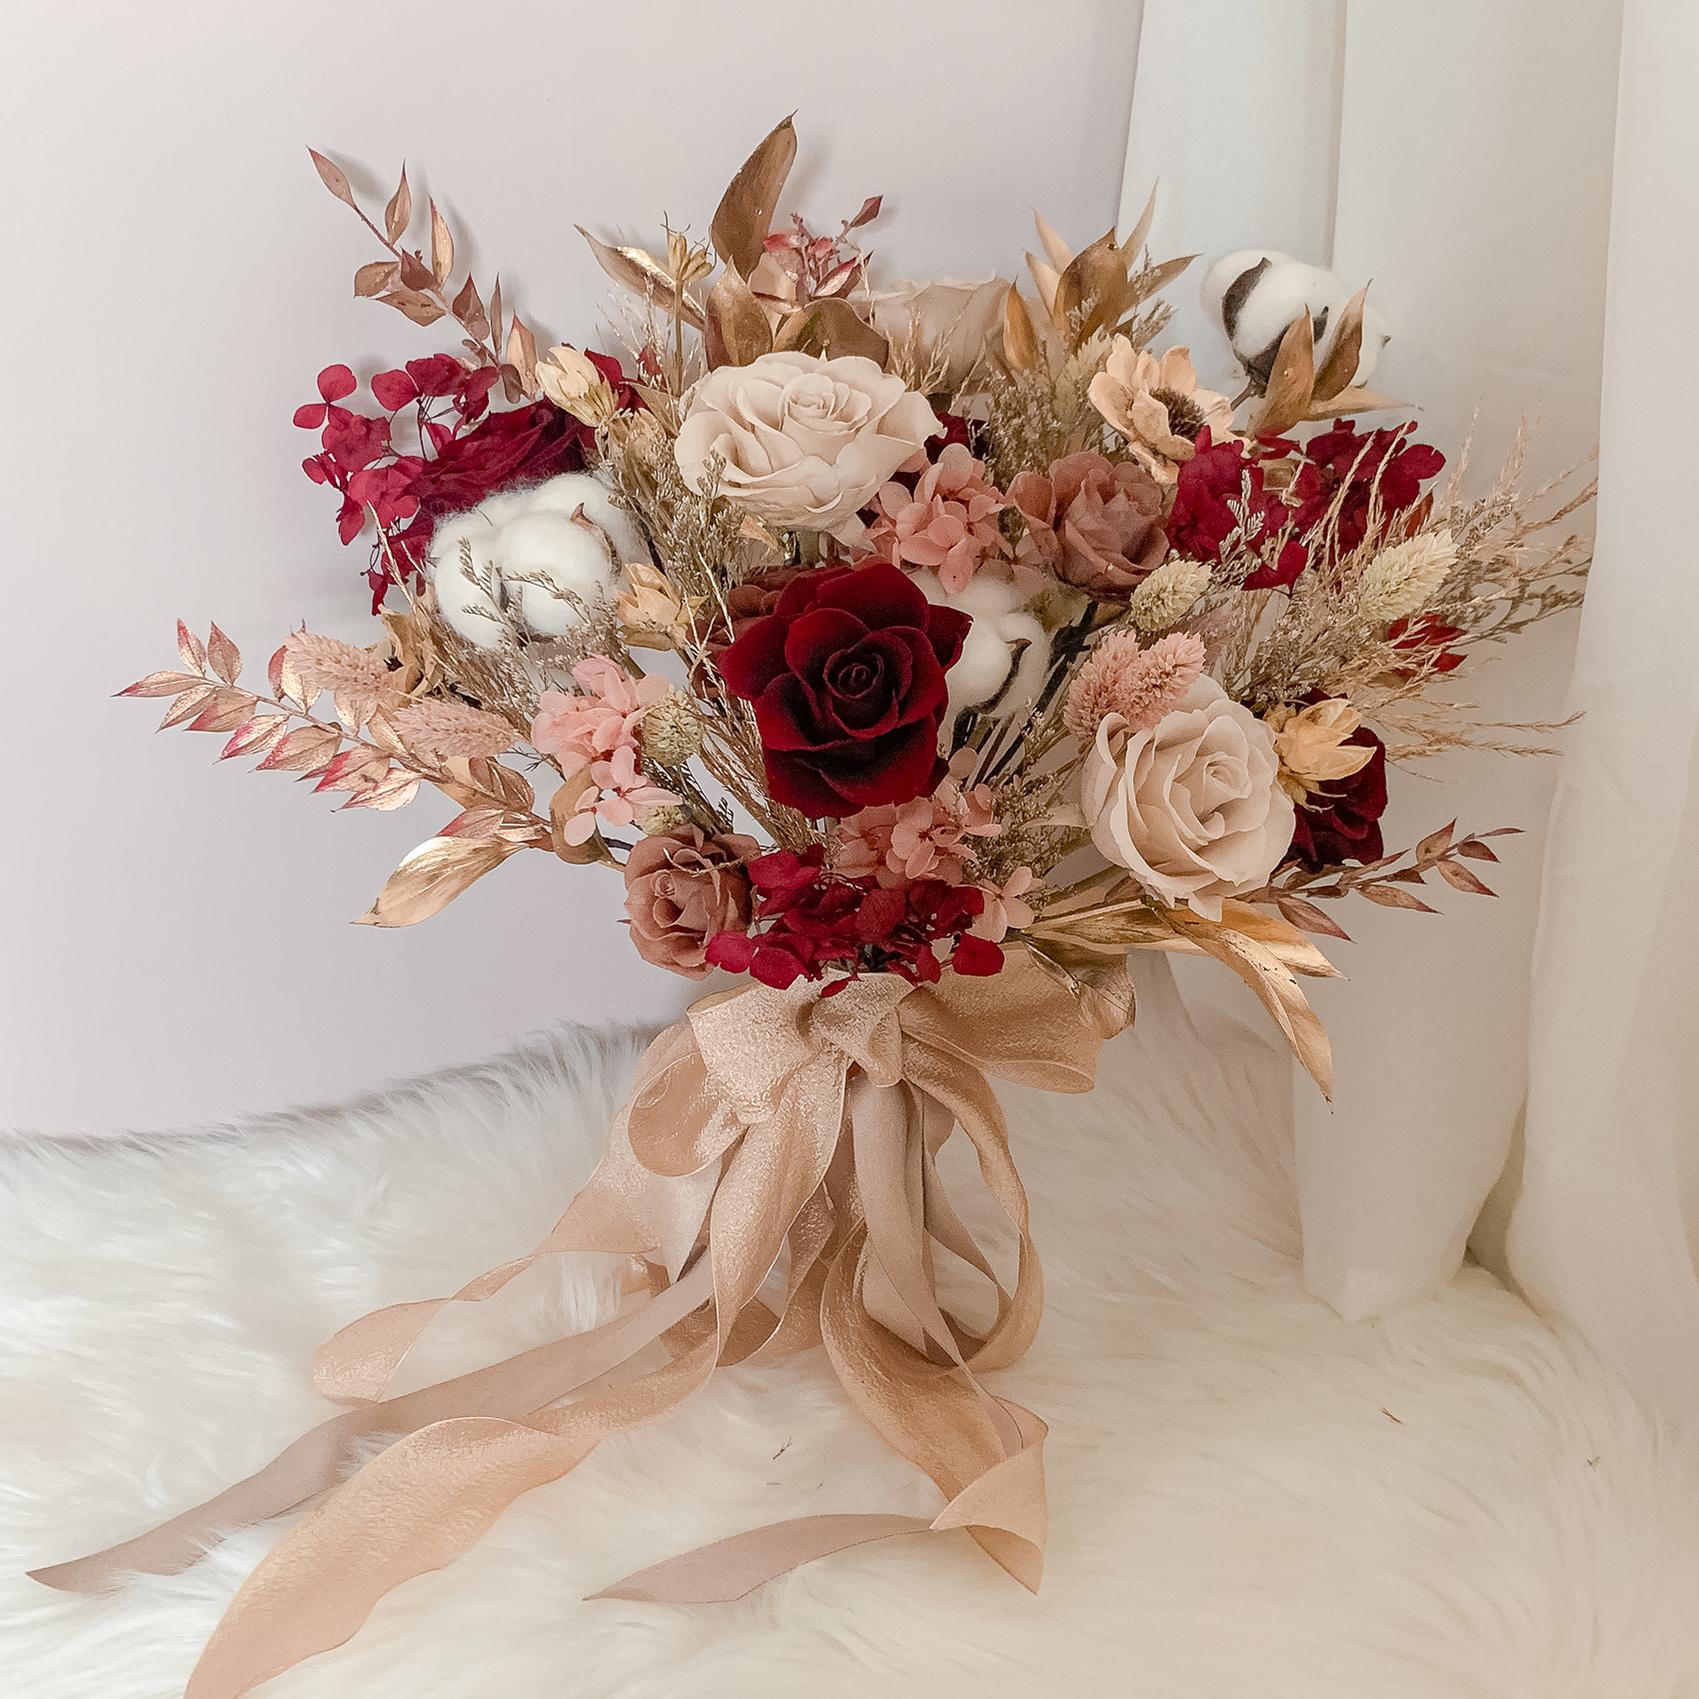 新娘捧花, 紅色系捧花, 捧花新秘, 不凋花捧花, 高雄捧花, 高雄不凋花, 高雄永生花